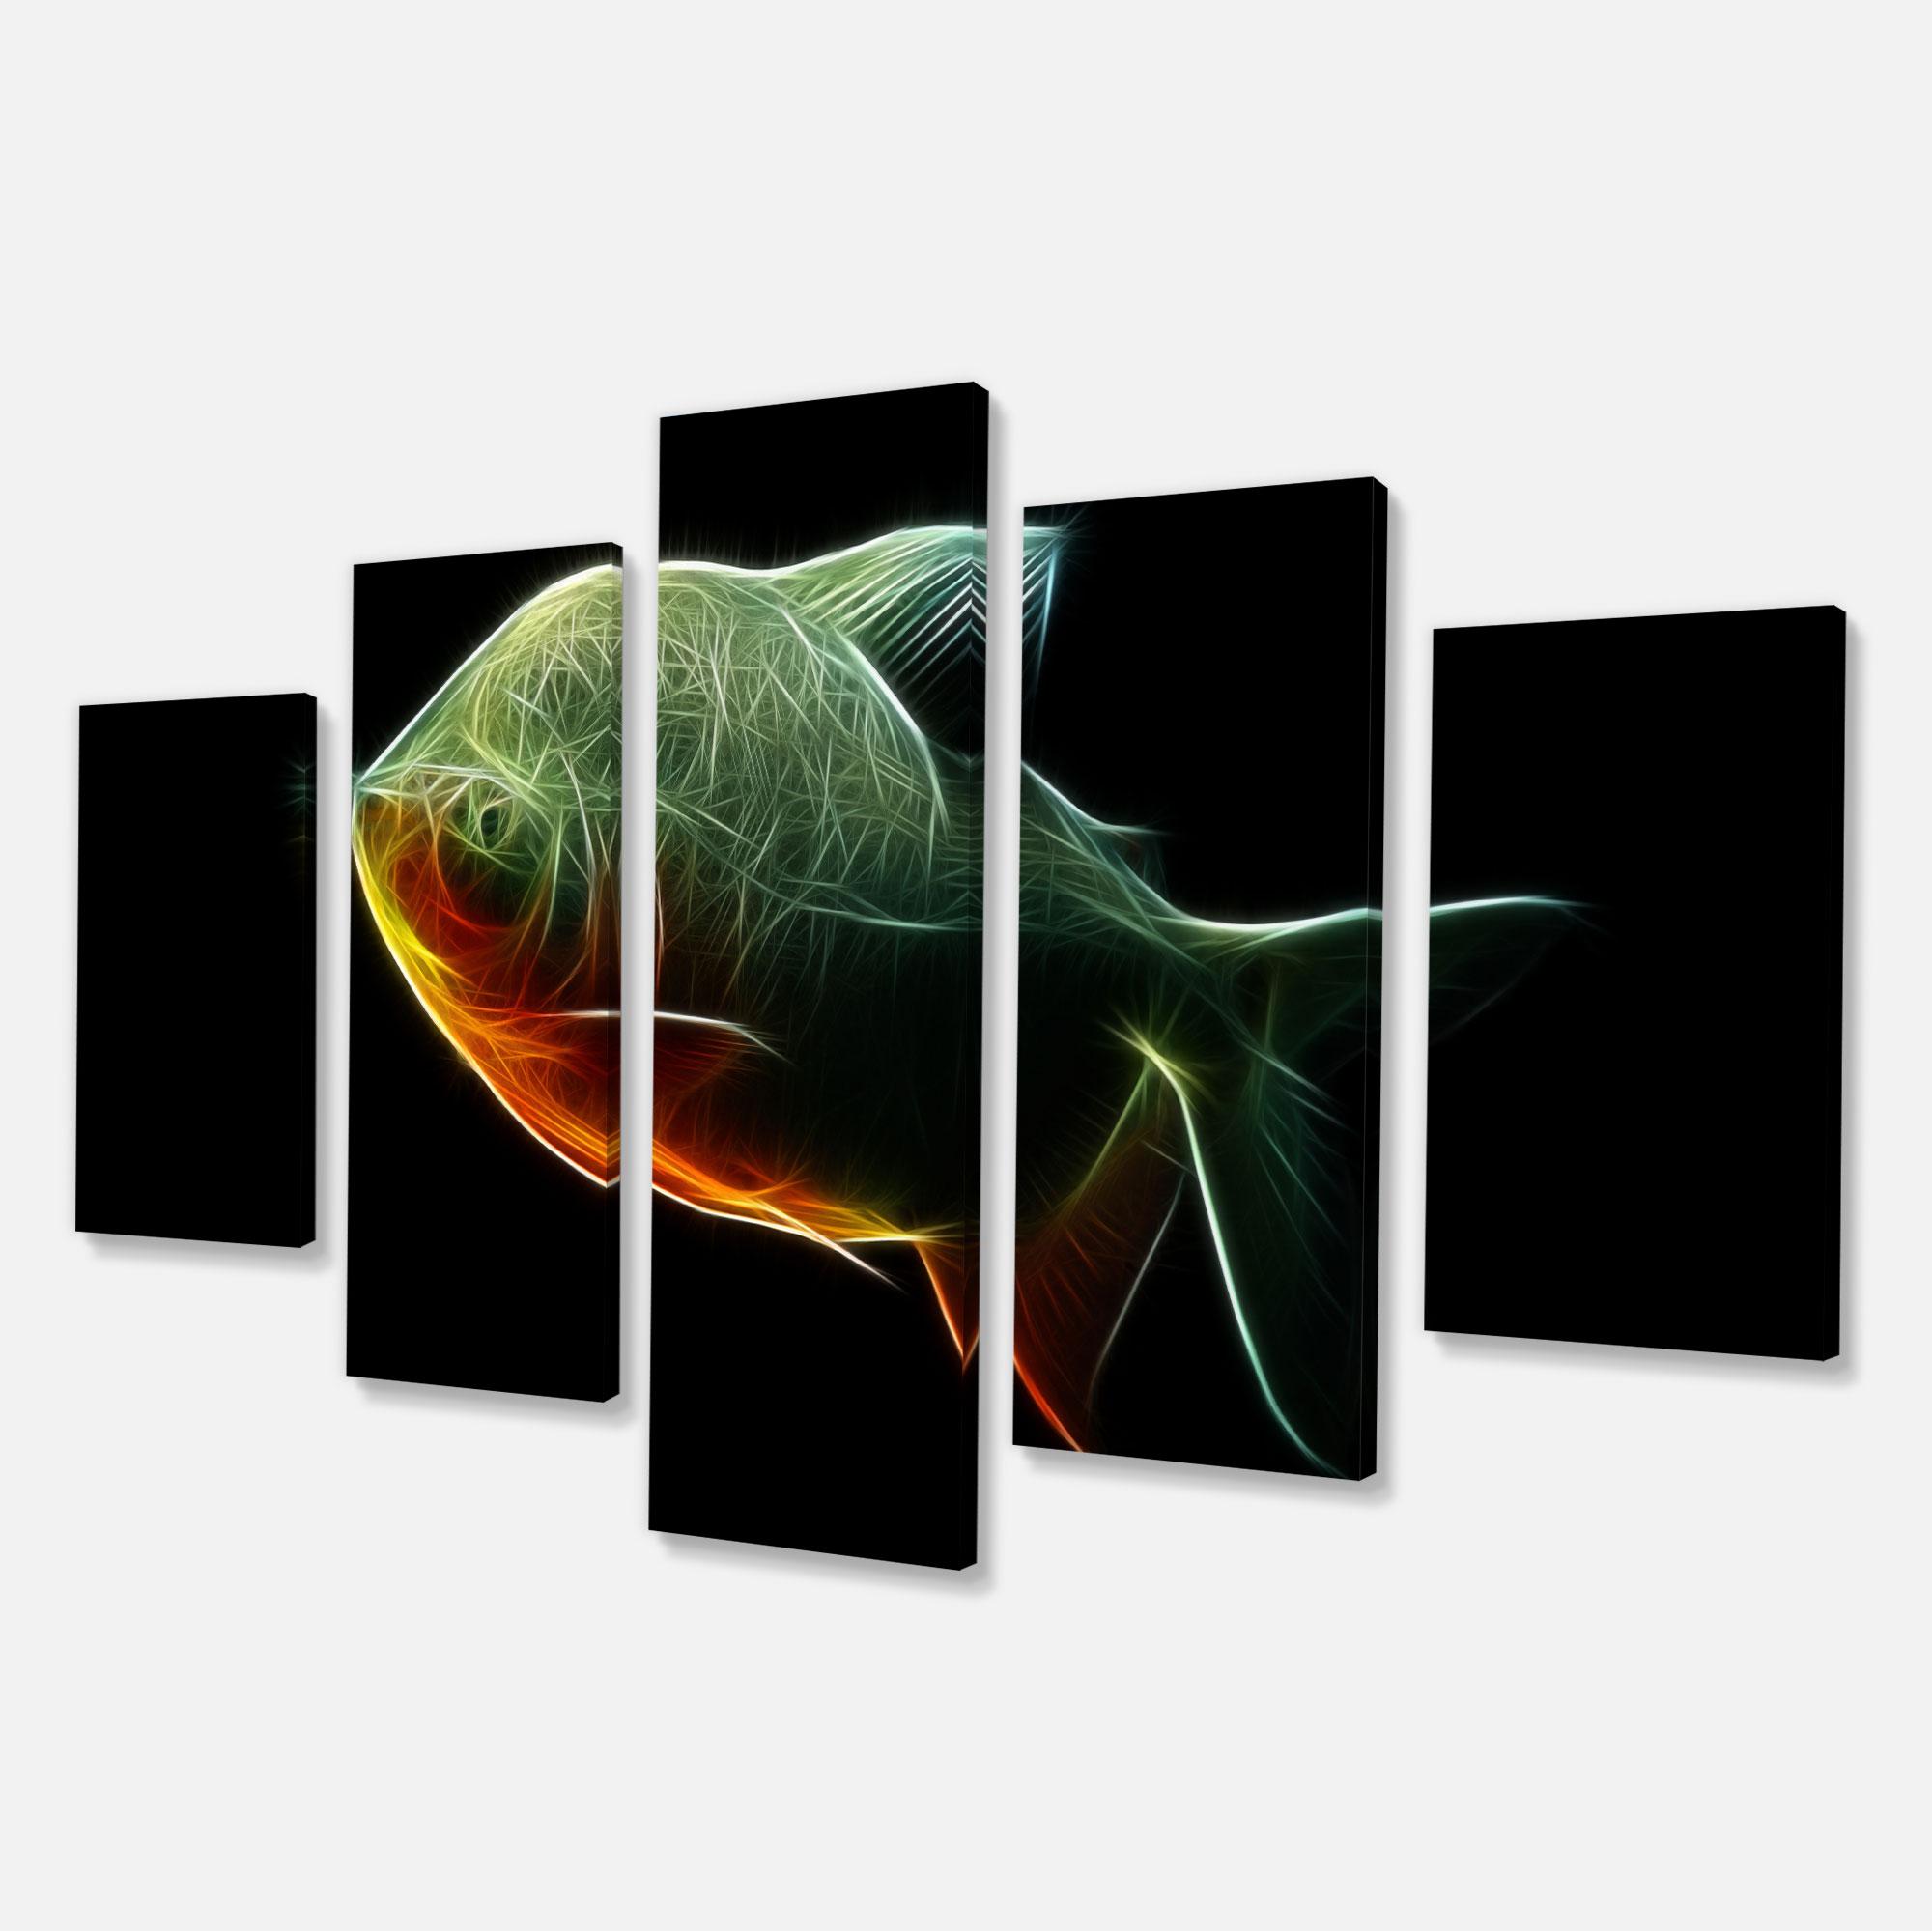 Fractal Pacu Fish on Black - Large Animal Canvas Artwork - image 3 de 3